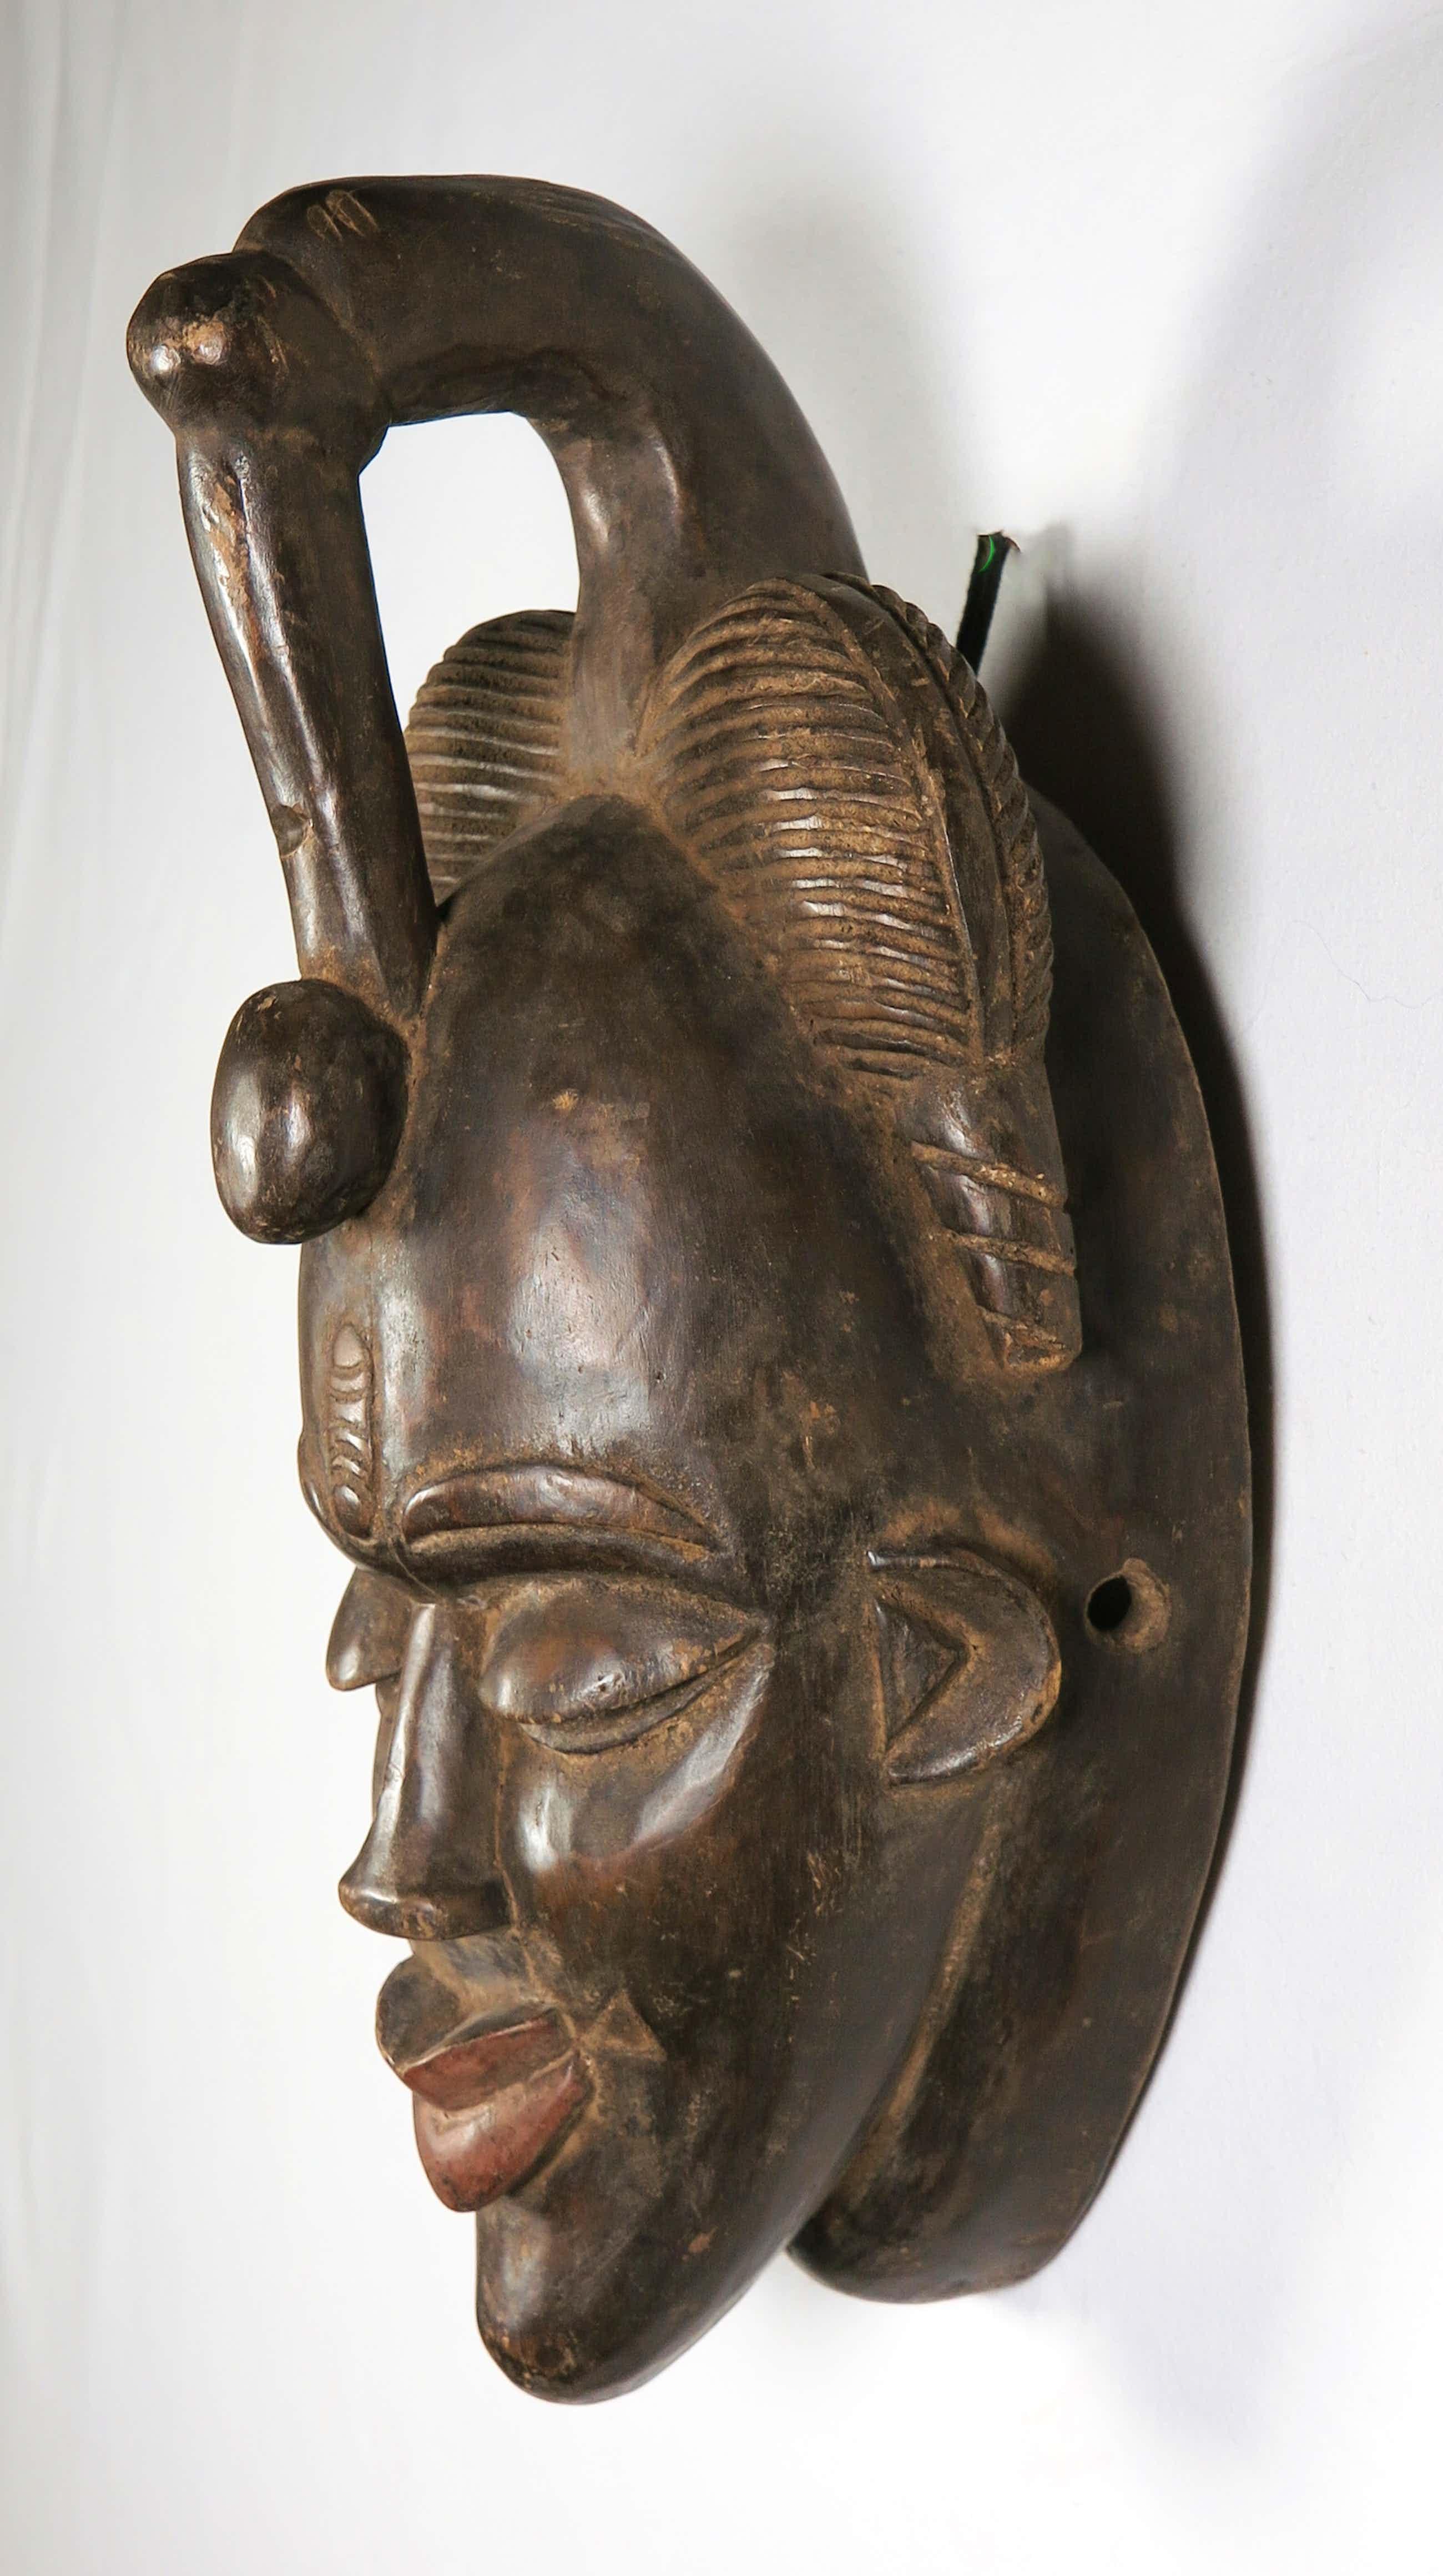 Yohure - Houten masker met gedetailleerde haardracht en vogel kopen? Bied vanaf 83!